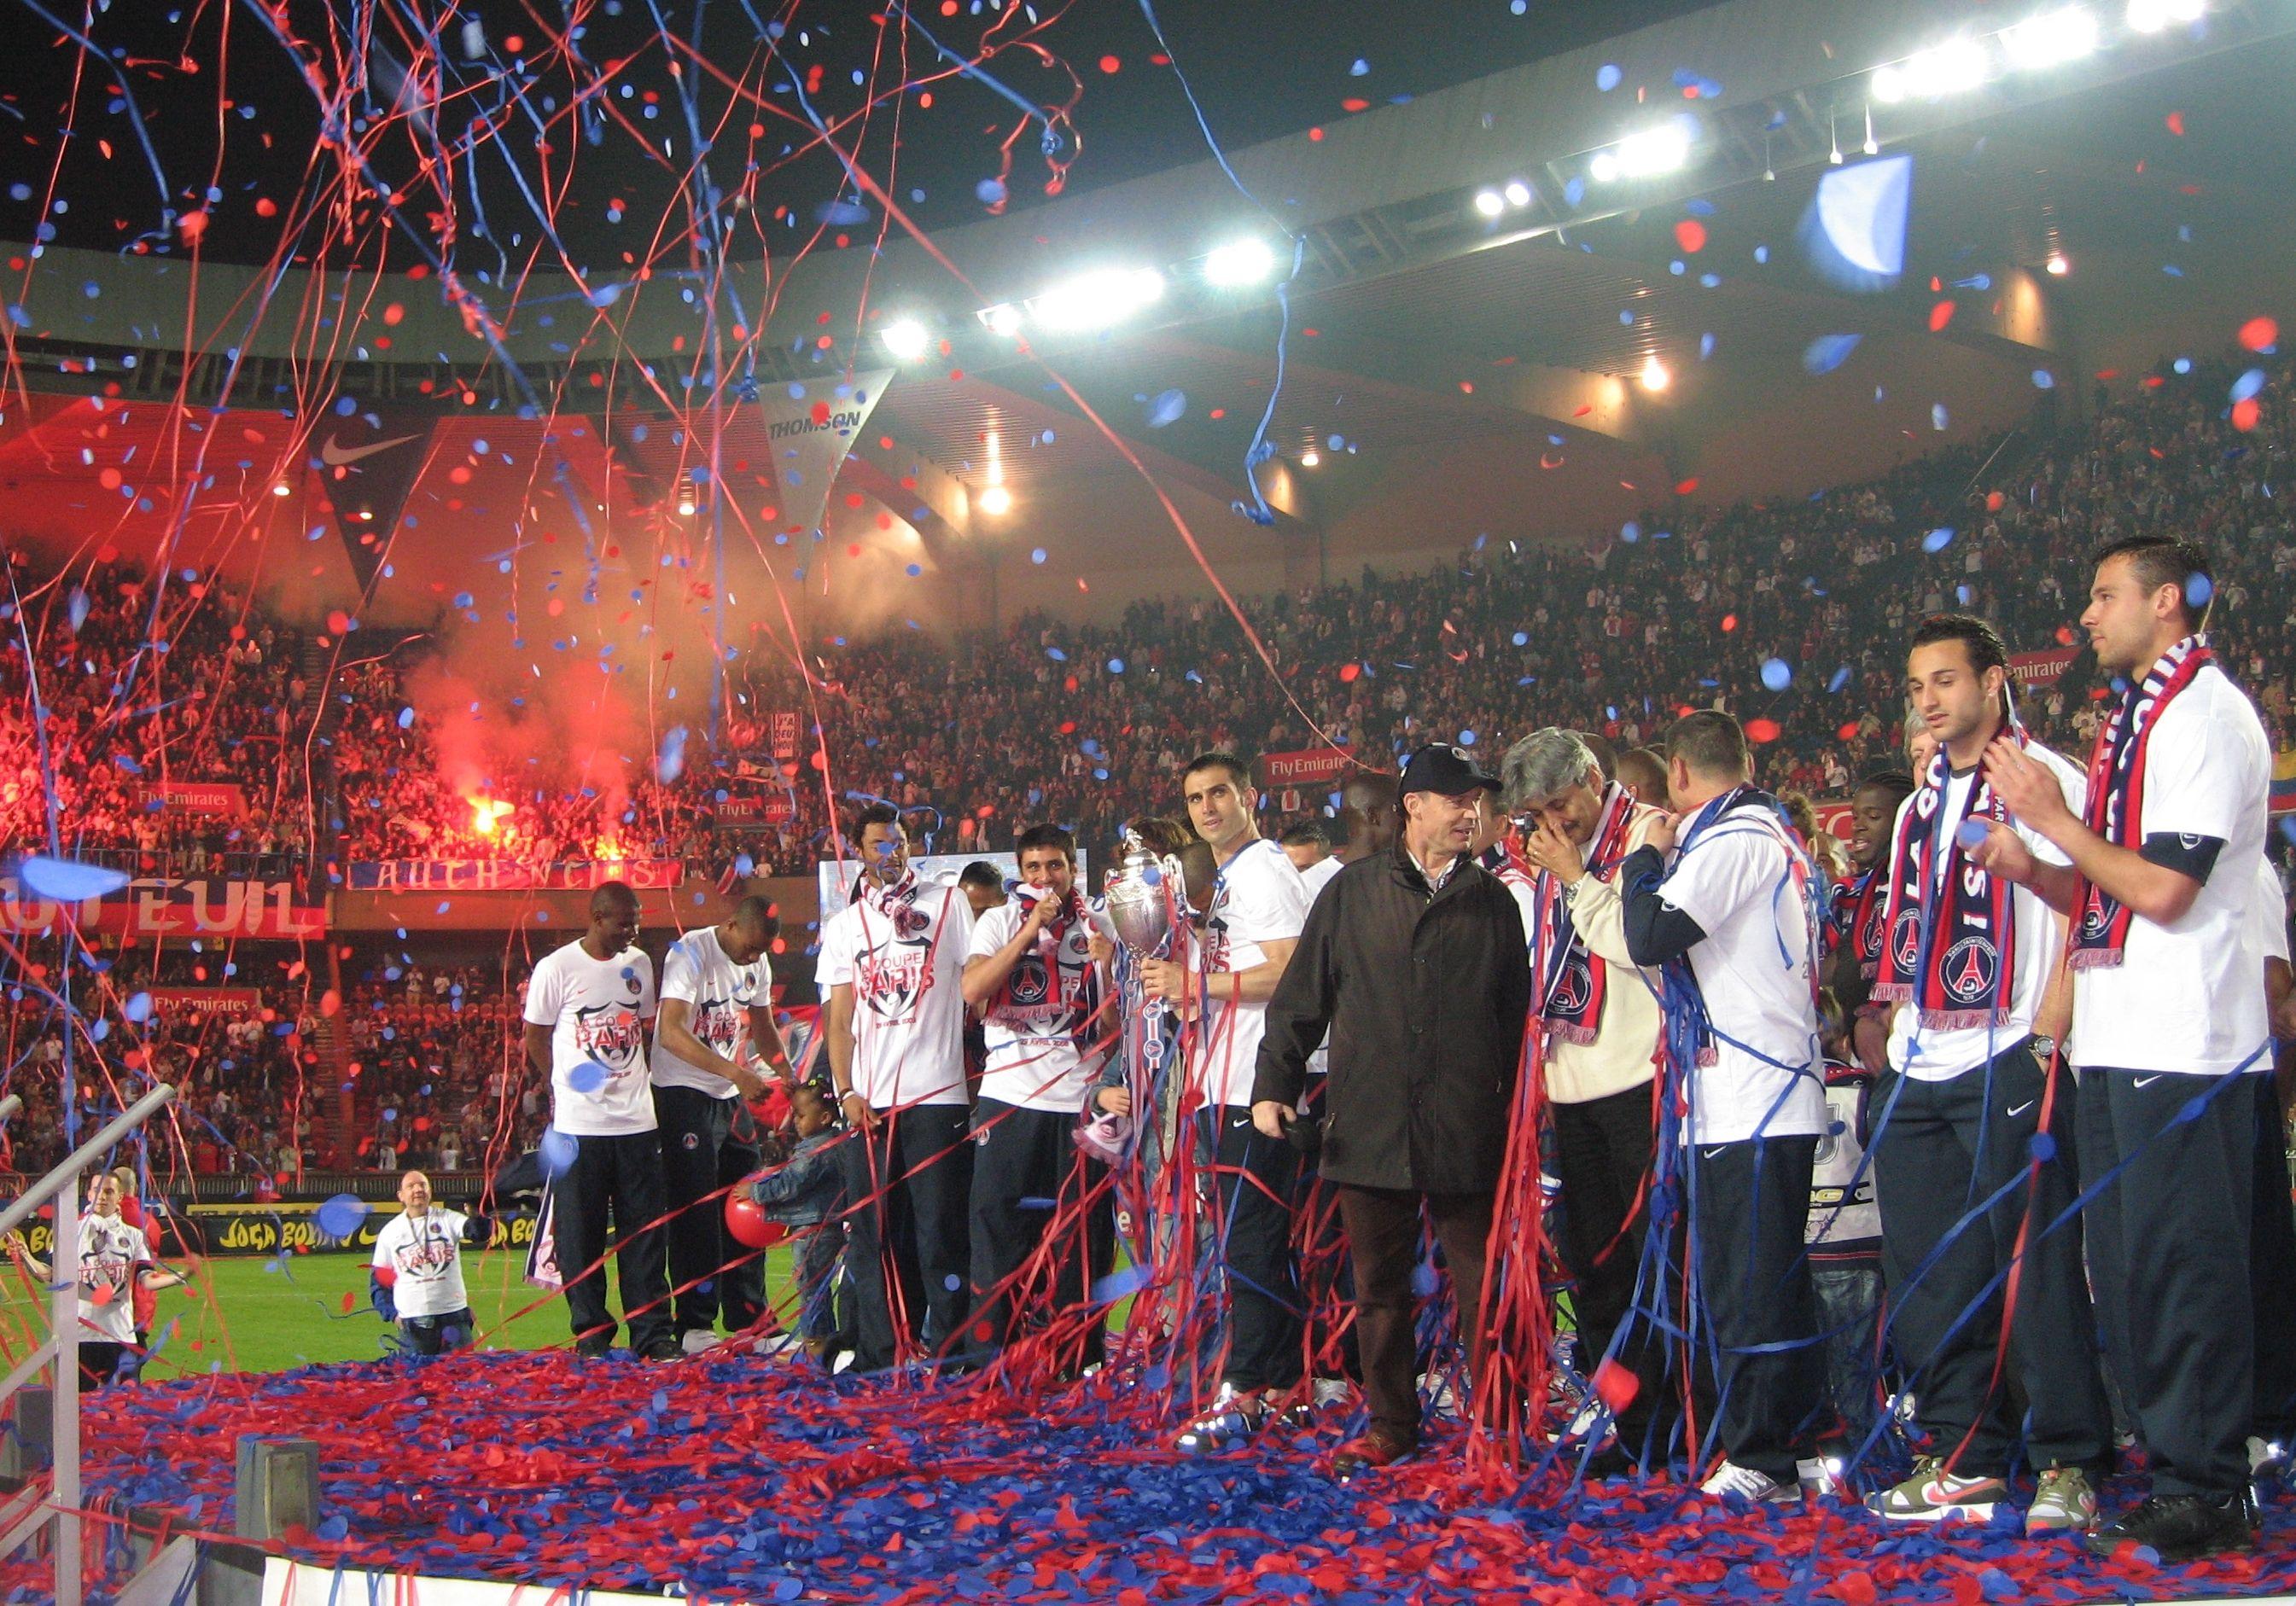 Célébration de la victoire en Coupe de France, 6 mai 2006